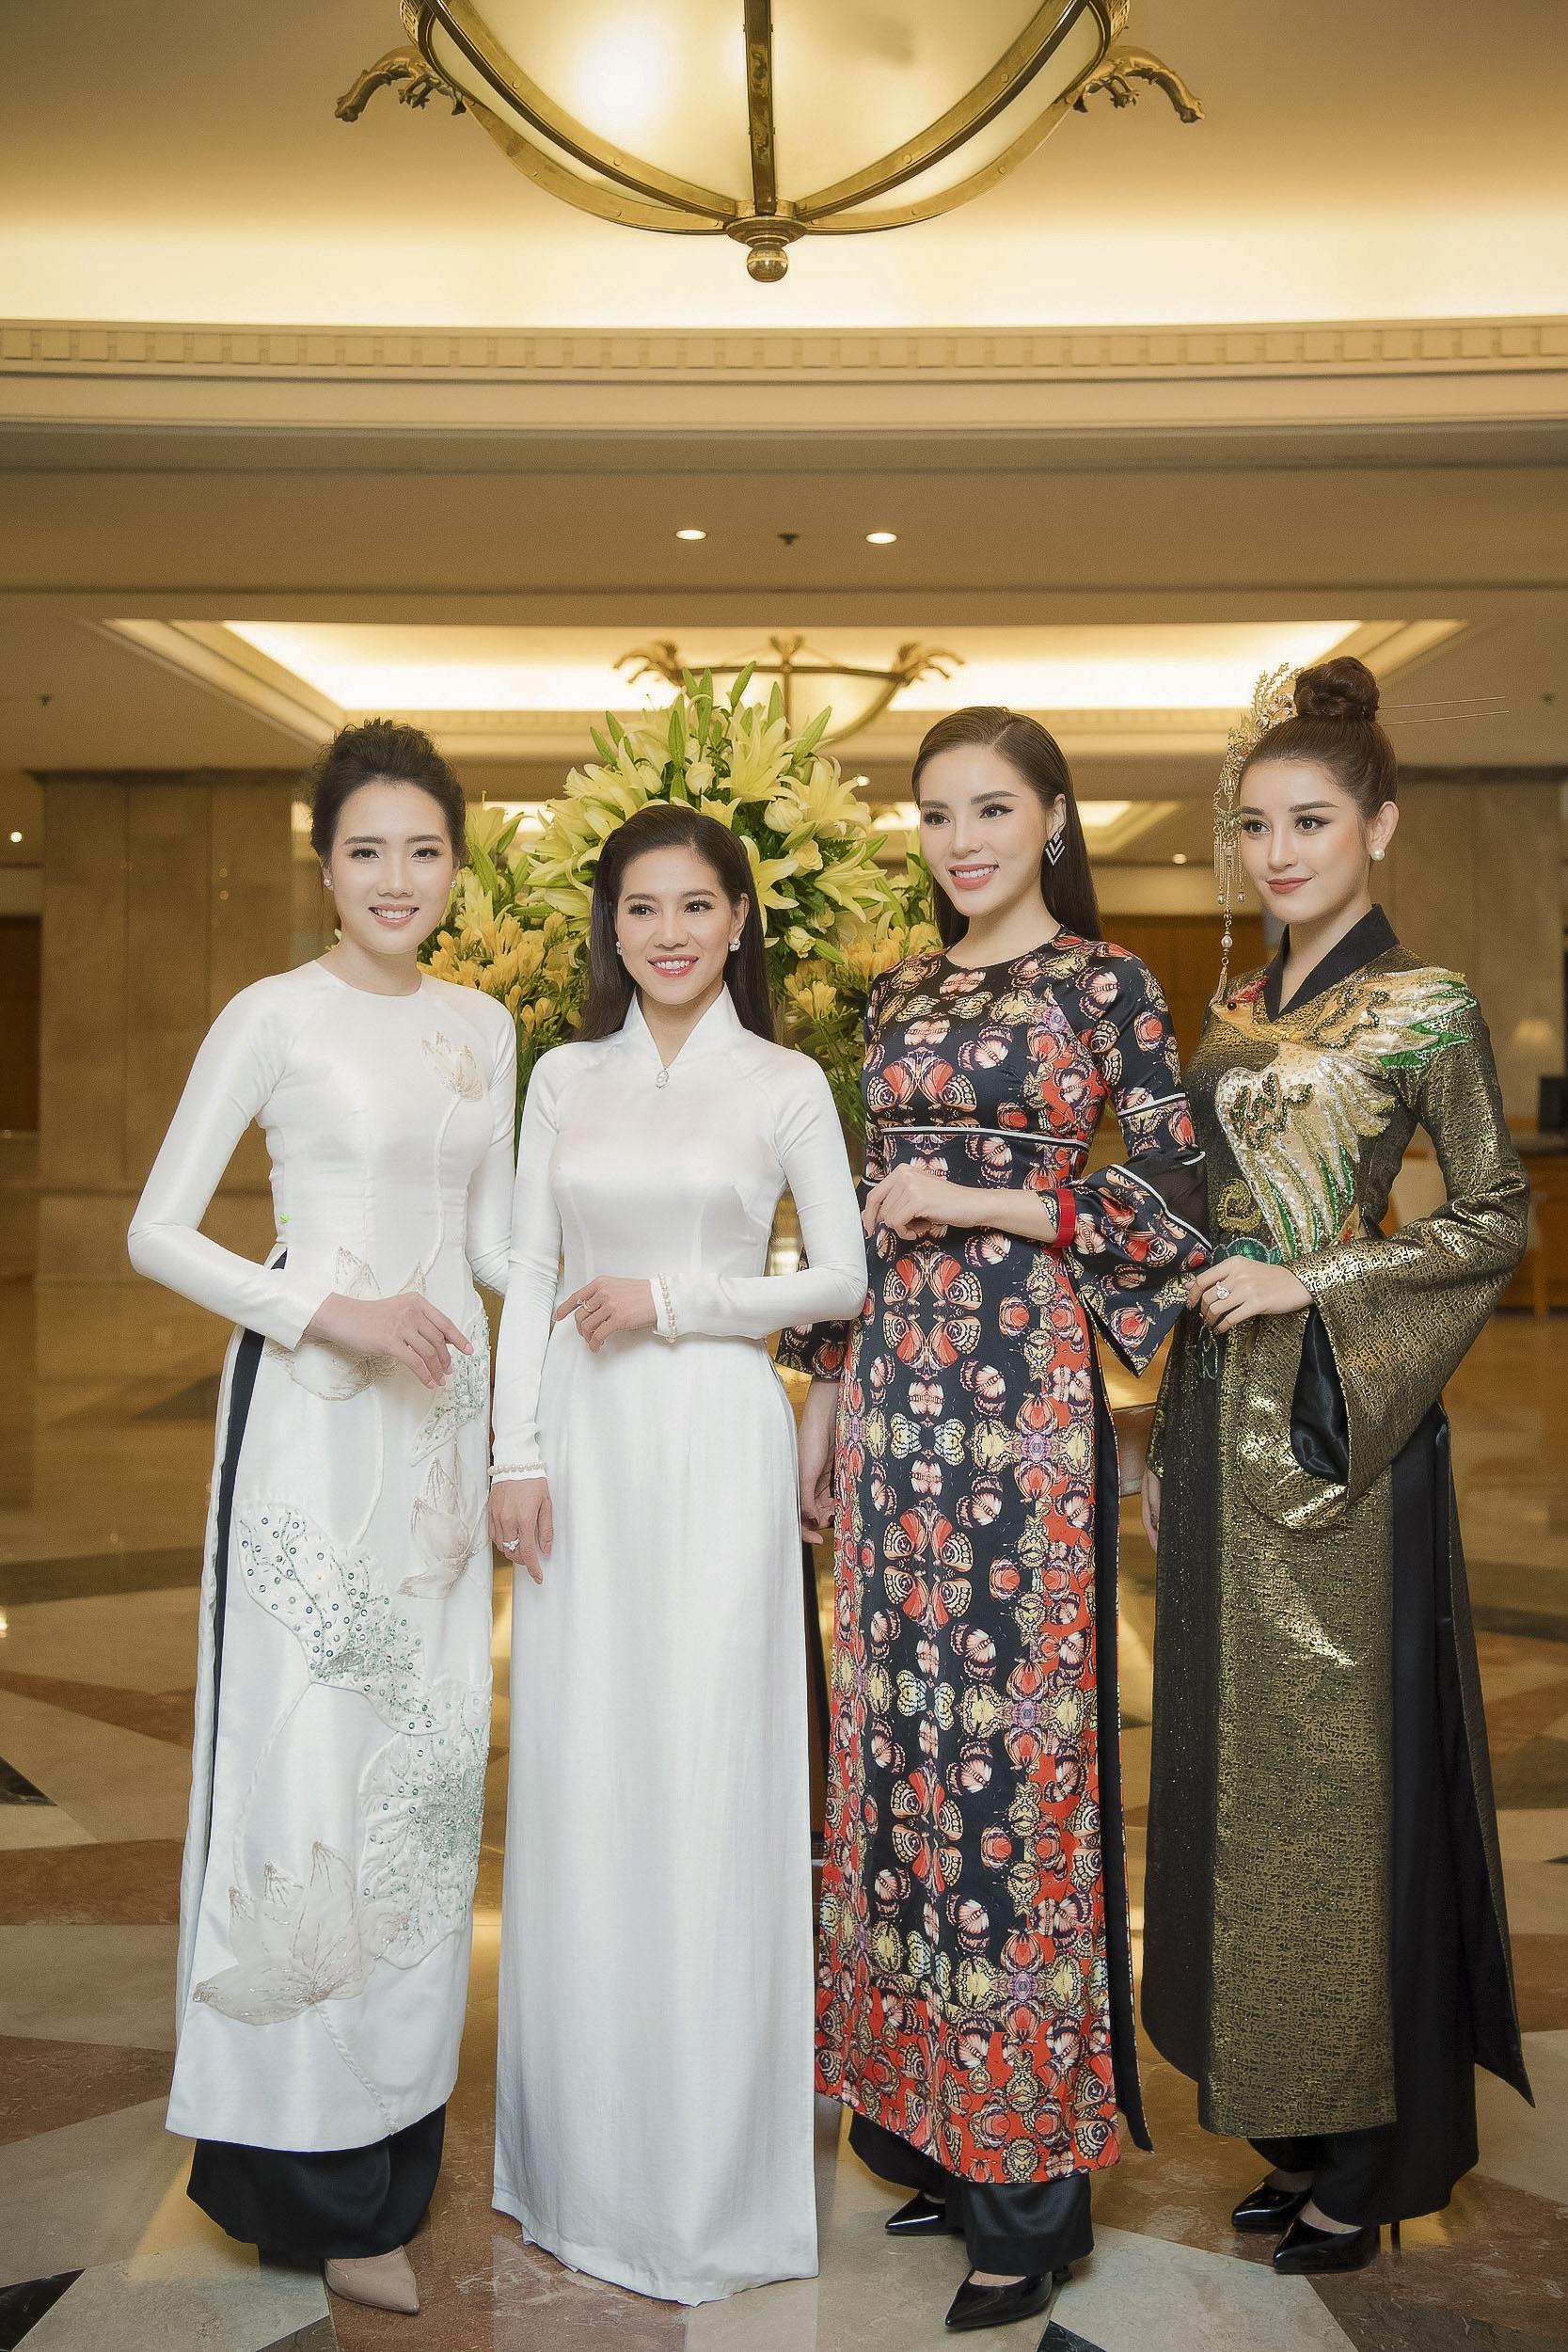 Sau lệnh 'cấm cửa', Hoa hậu Kỳ Duyên bất ngờ đồng hành cùng HHVN 2018 2